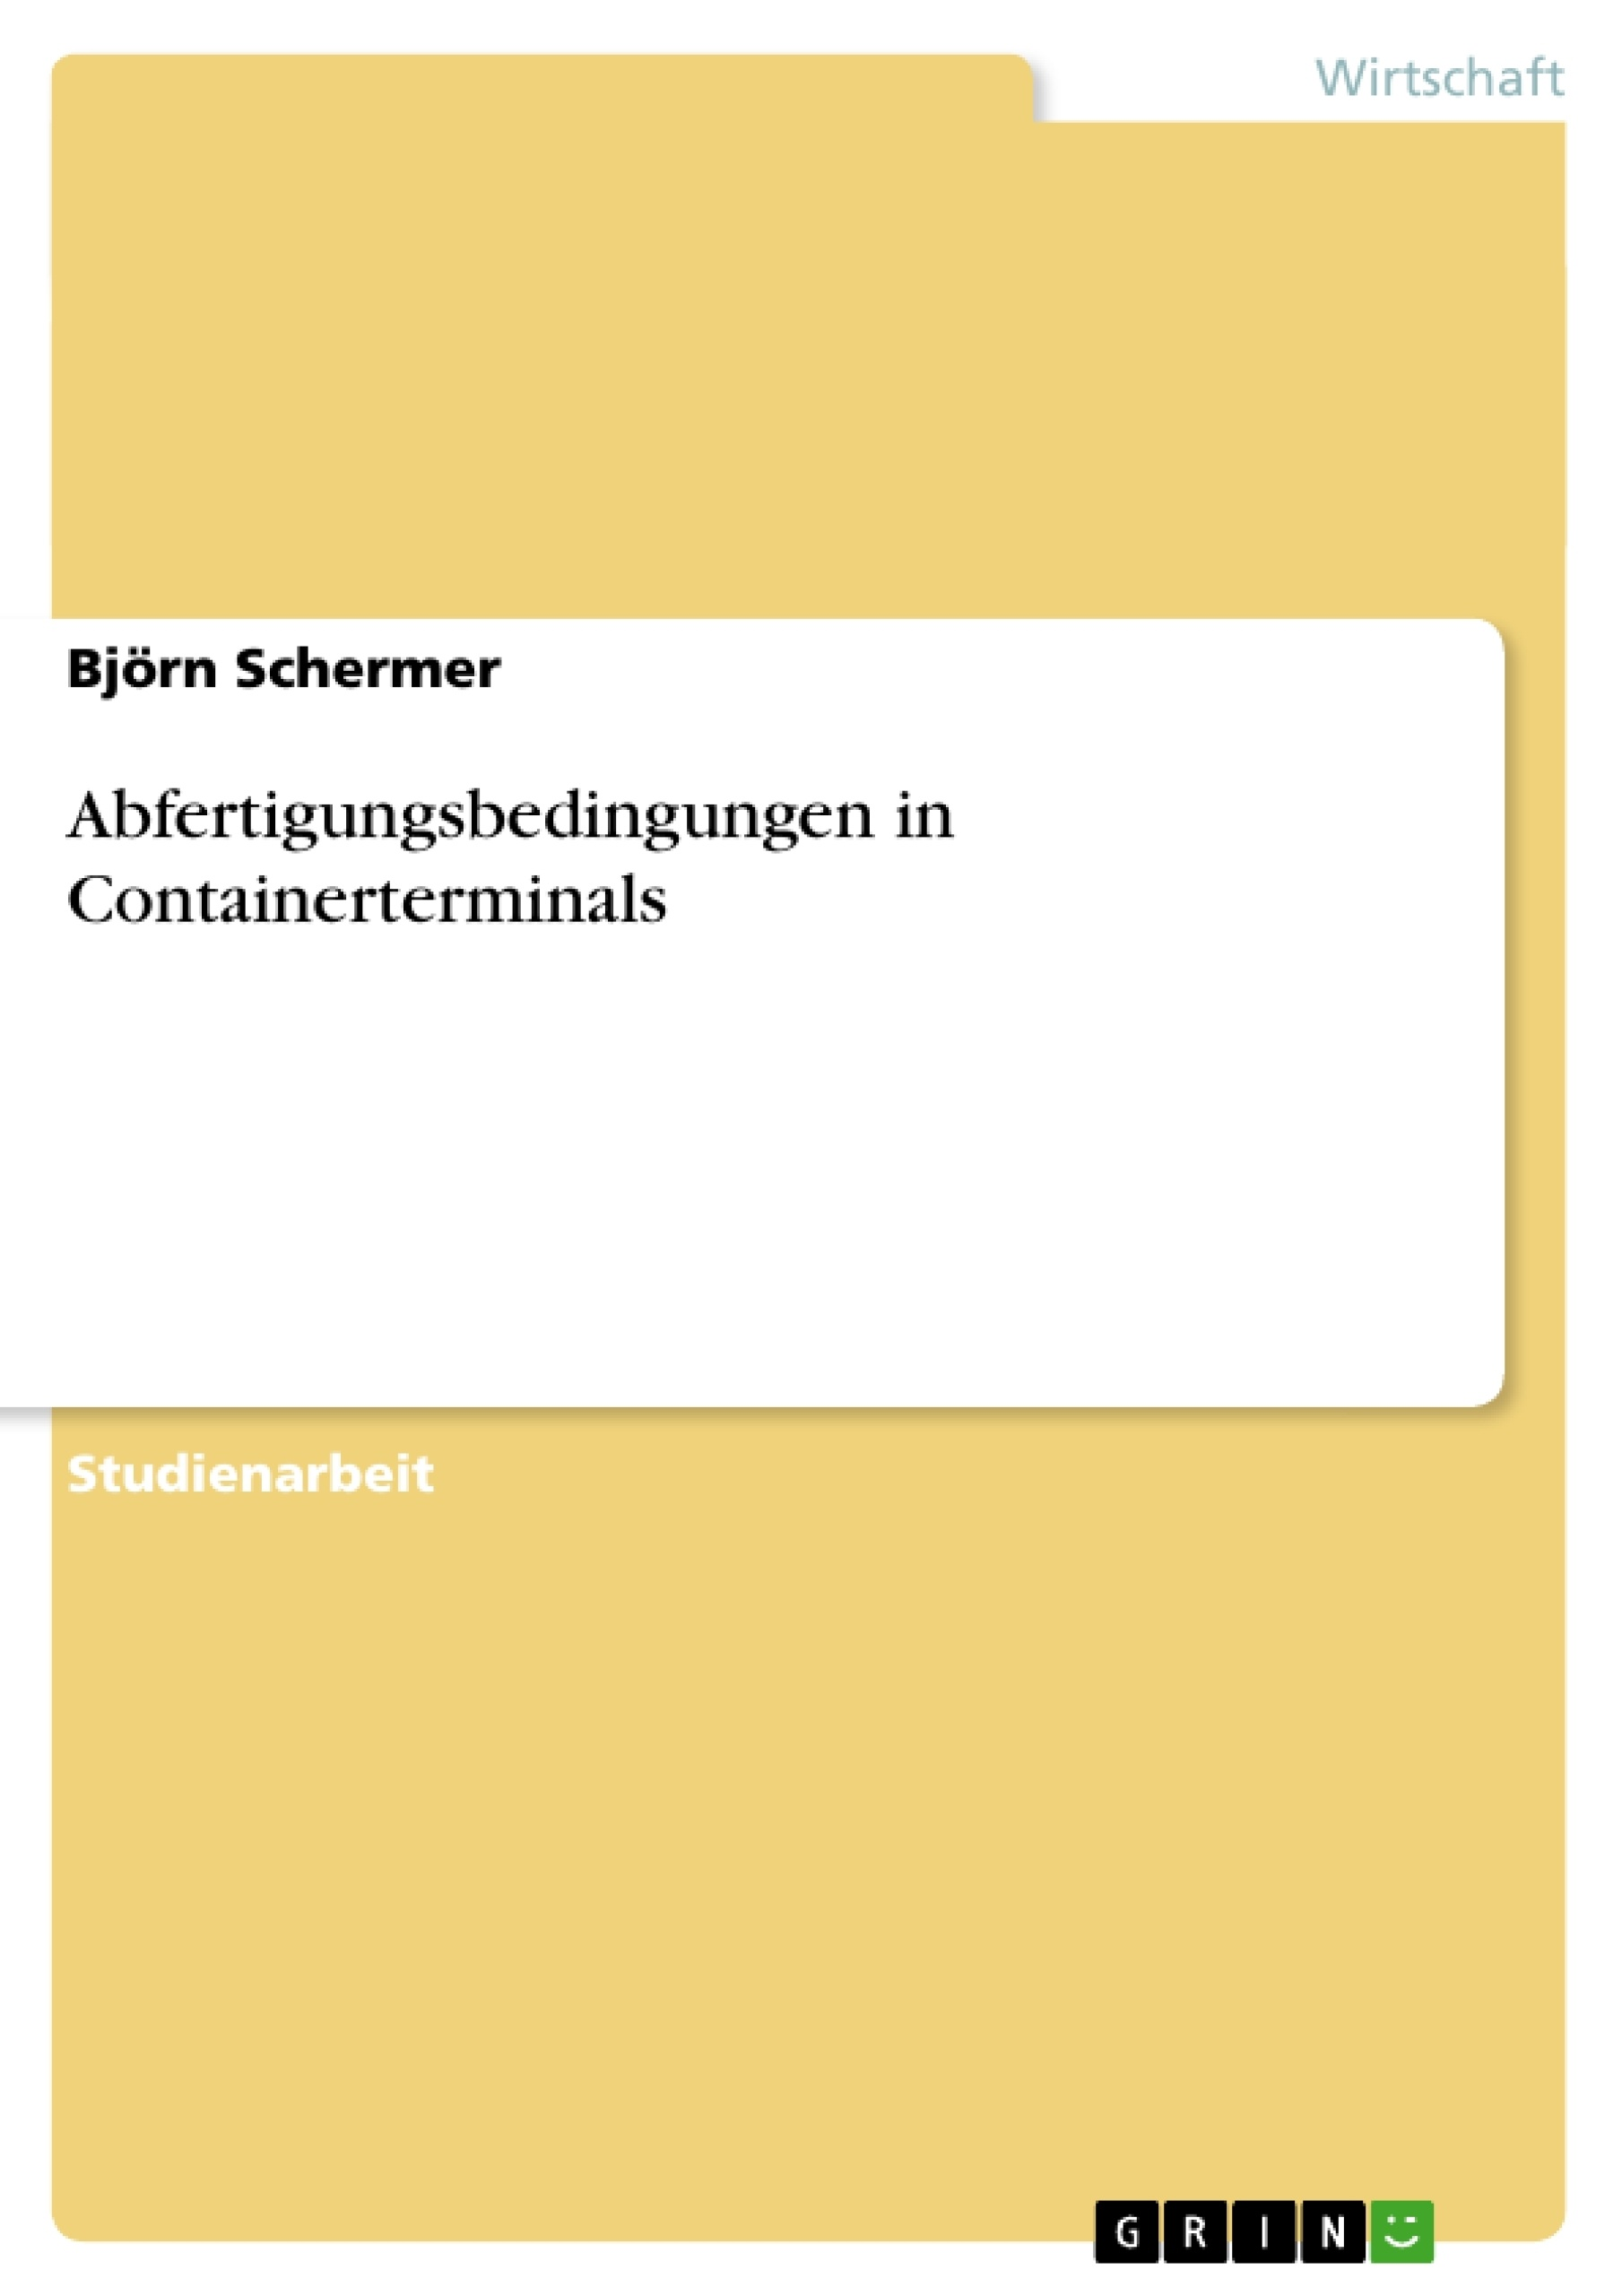 Titel: Abfertigungsbedingungen in Containerterminals